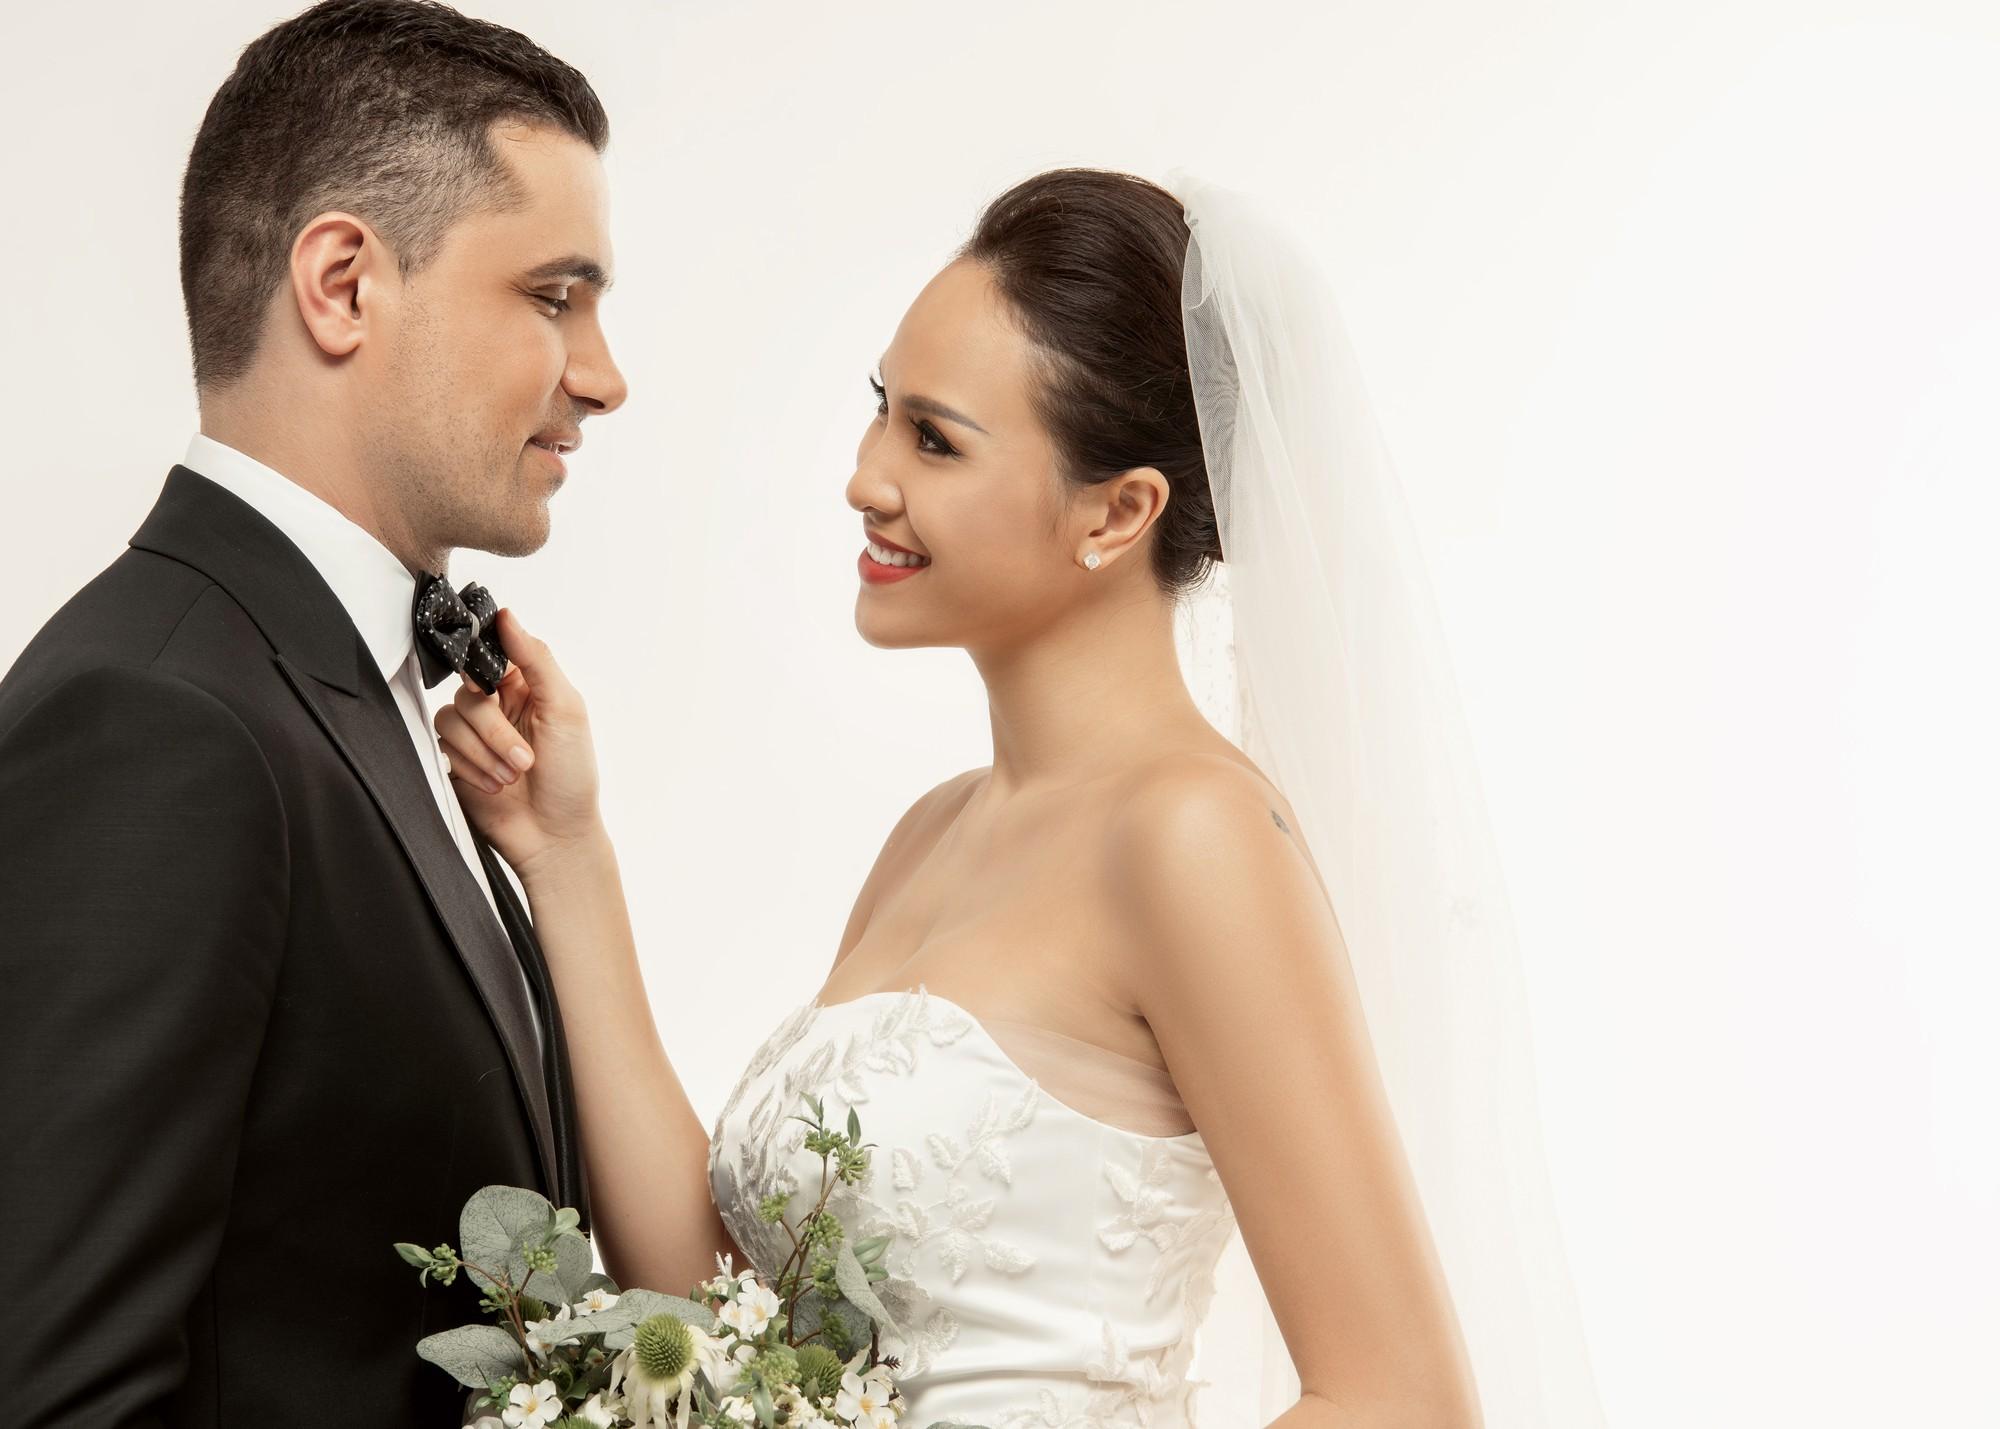 Trọn bộ ảnh cưới ngọt ngào đến tan chảy của Phương Mai và chồng Tây đẹp trai như tài tử - Ảnh 8.